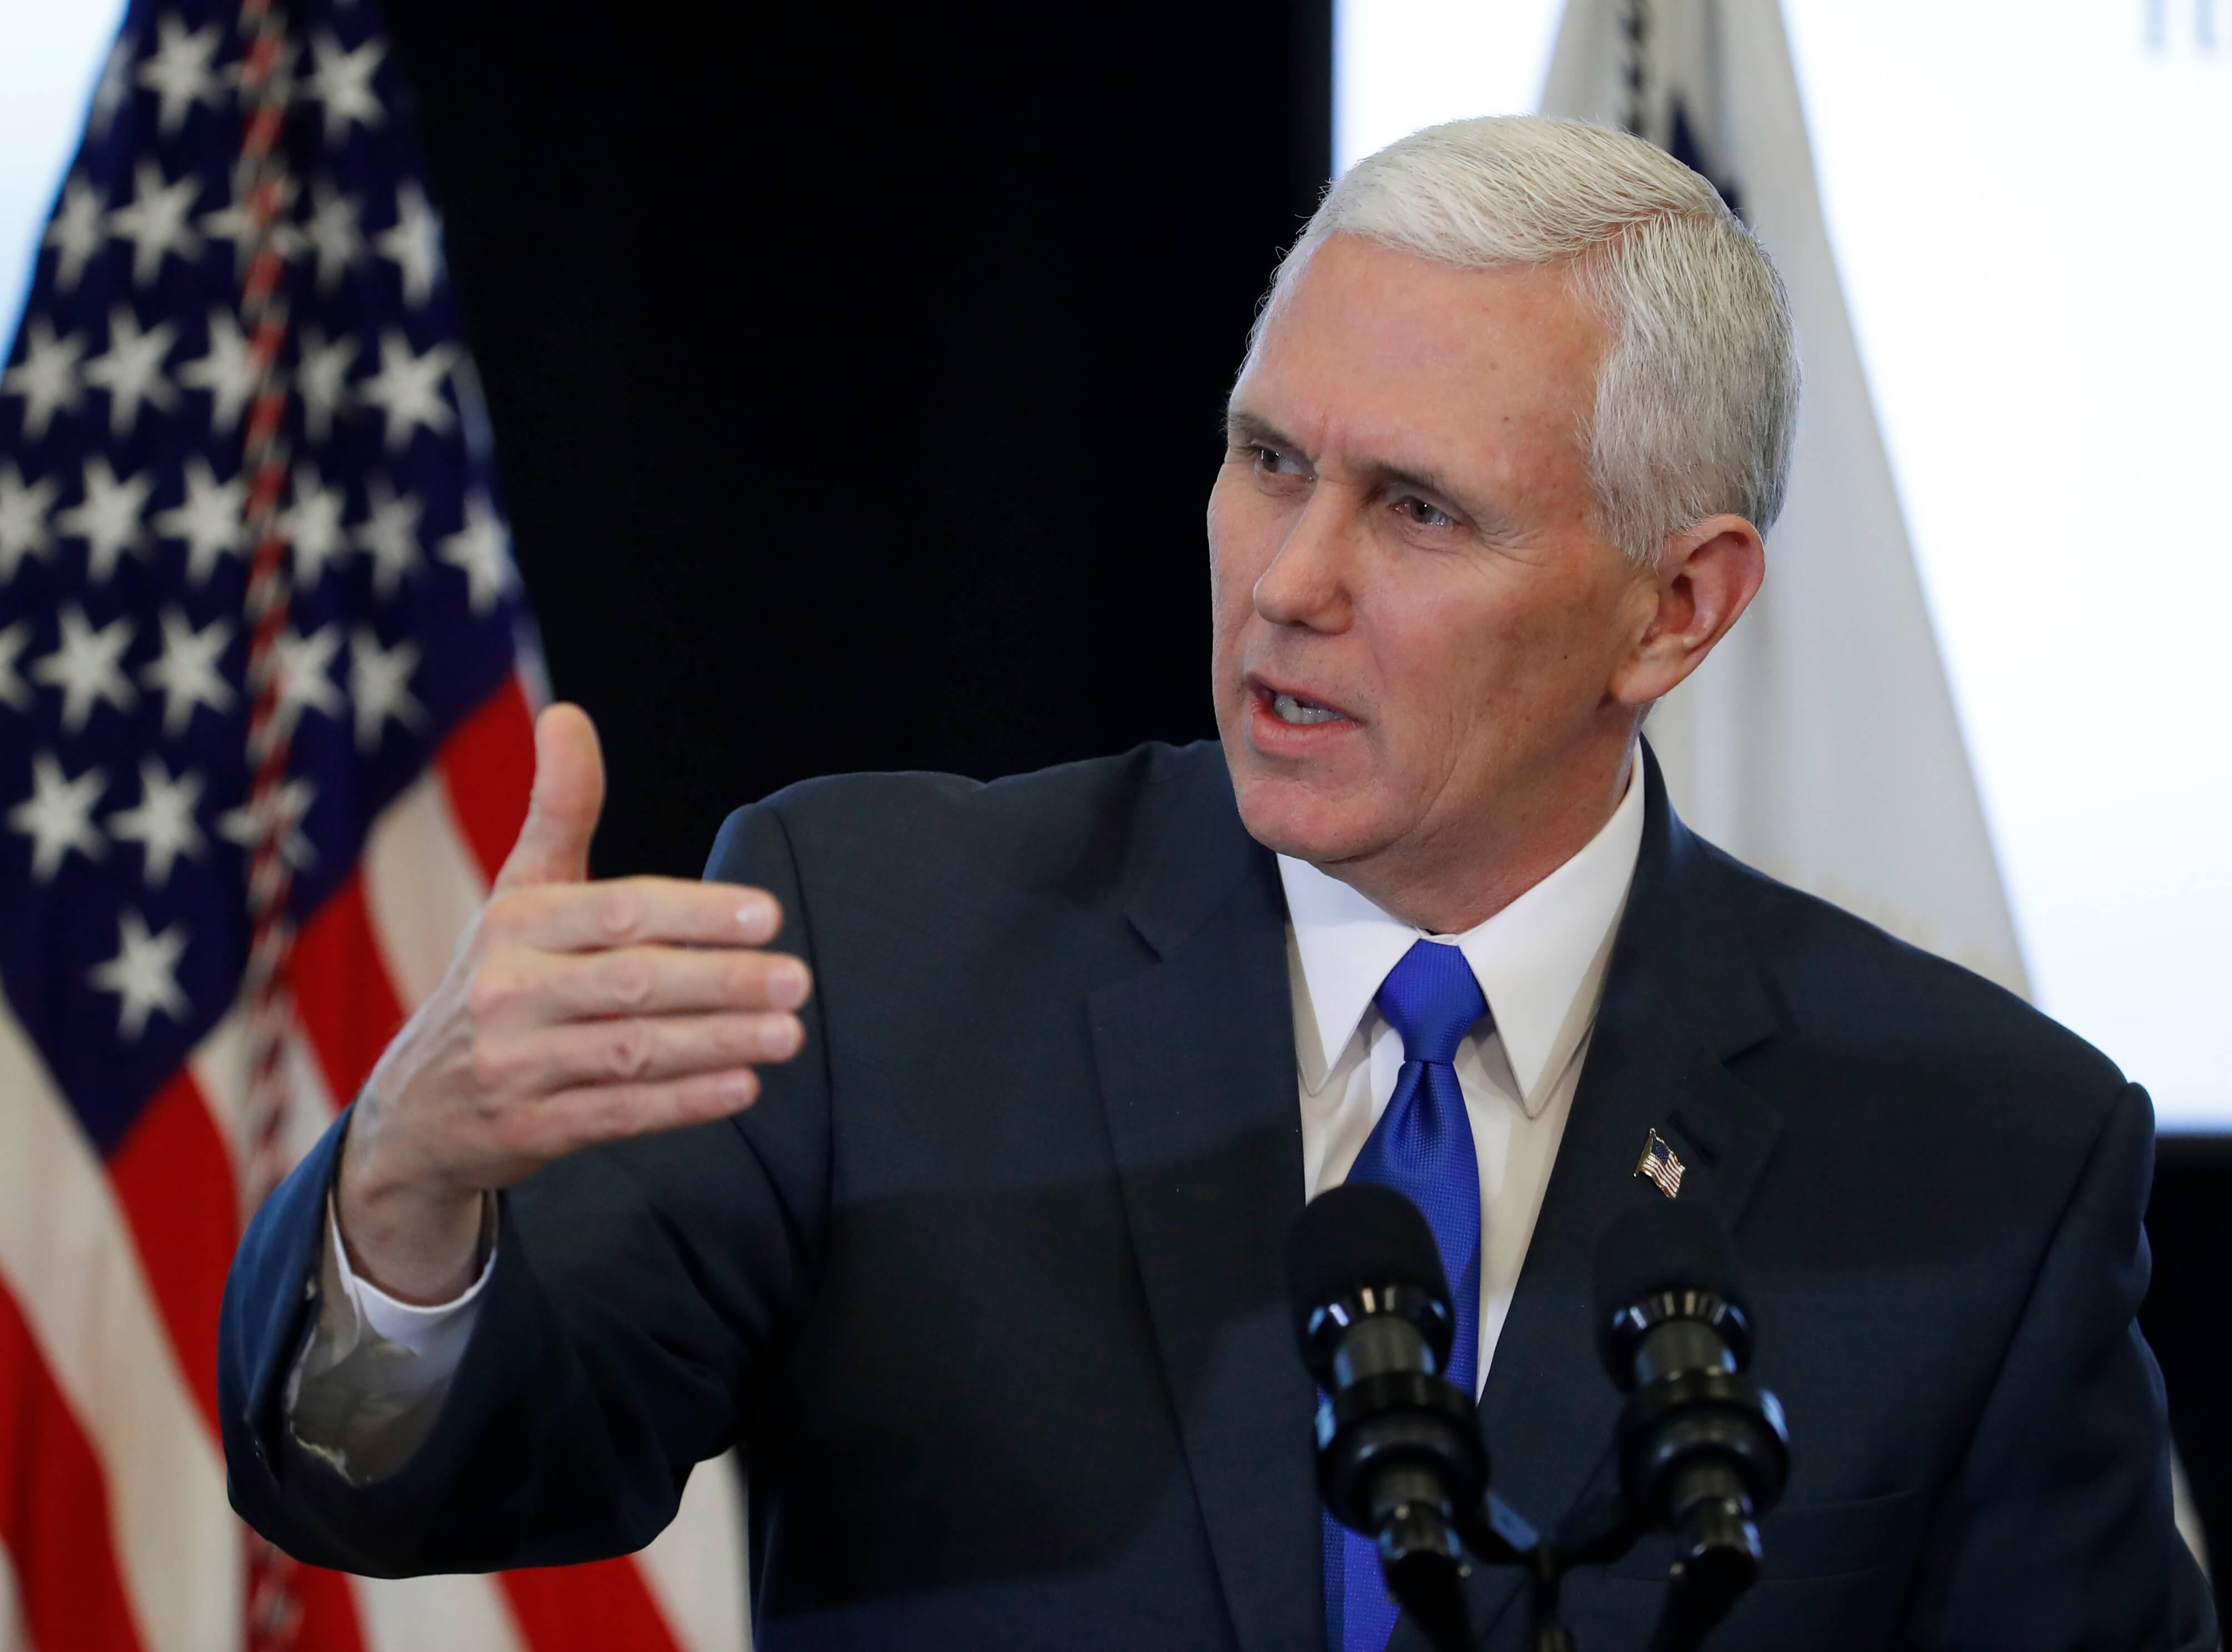 Vicepresidente de los Estados Unidos, Mike Pence. Foto: Noticiero Televisa